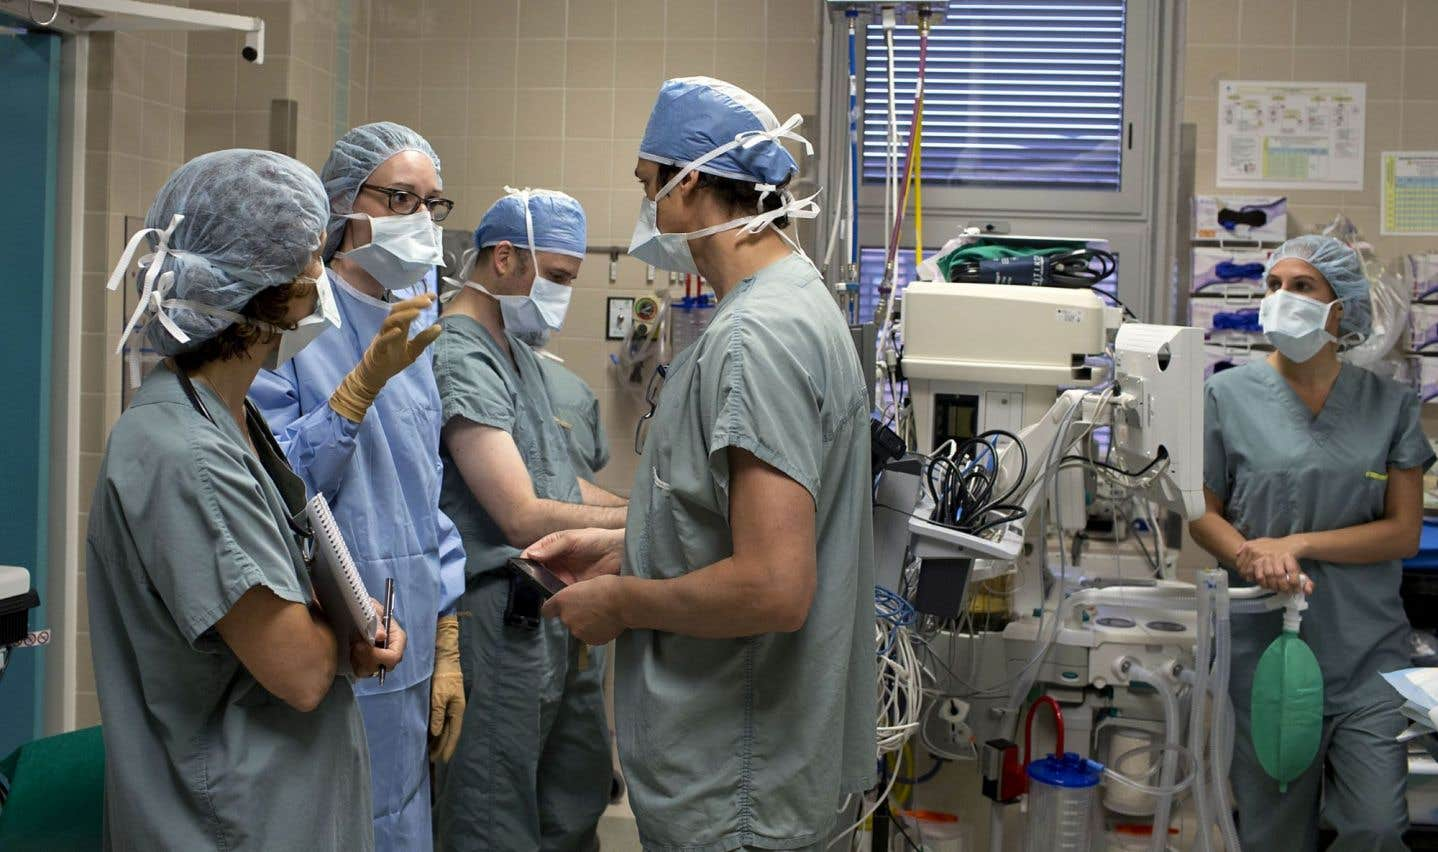 En juin dernier, le Collège des médecins, l'Ordre des infirmières et des infirmiers et l'Ordre des pharmaciens ont adopté une position commune sur la collaboration interprofessionnelle pour rehausser la qualité et la sécurité des soins.